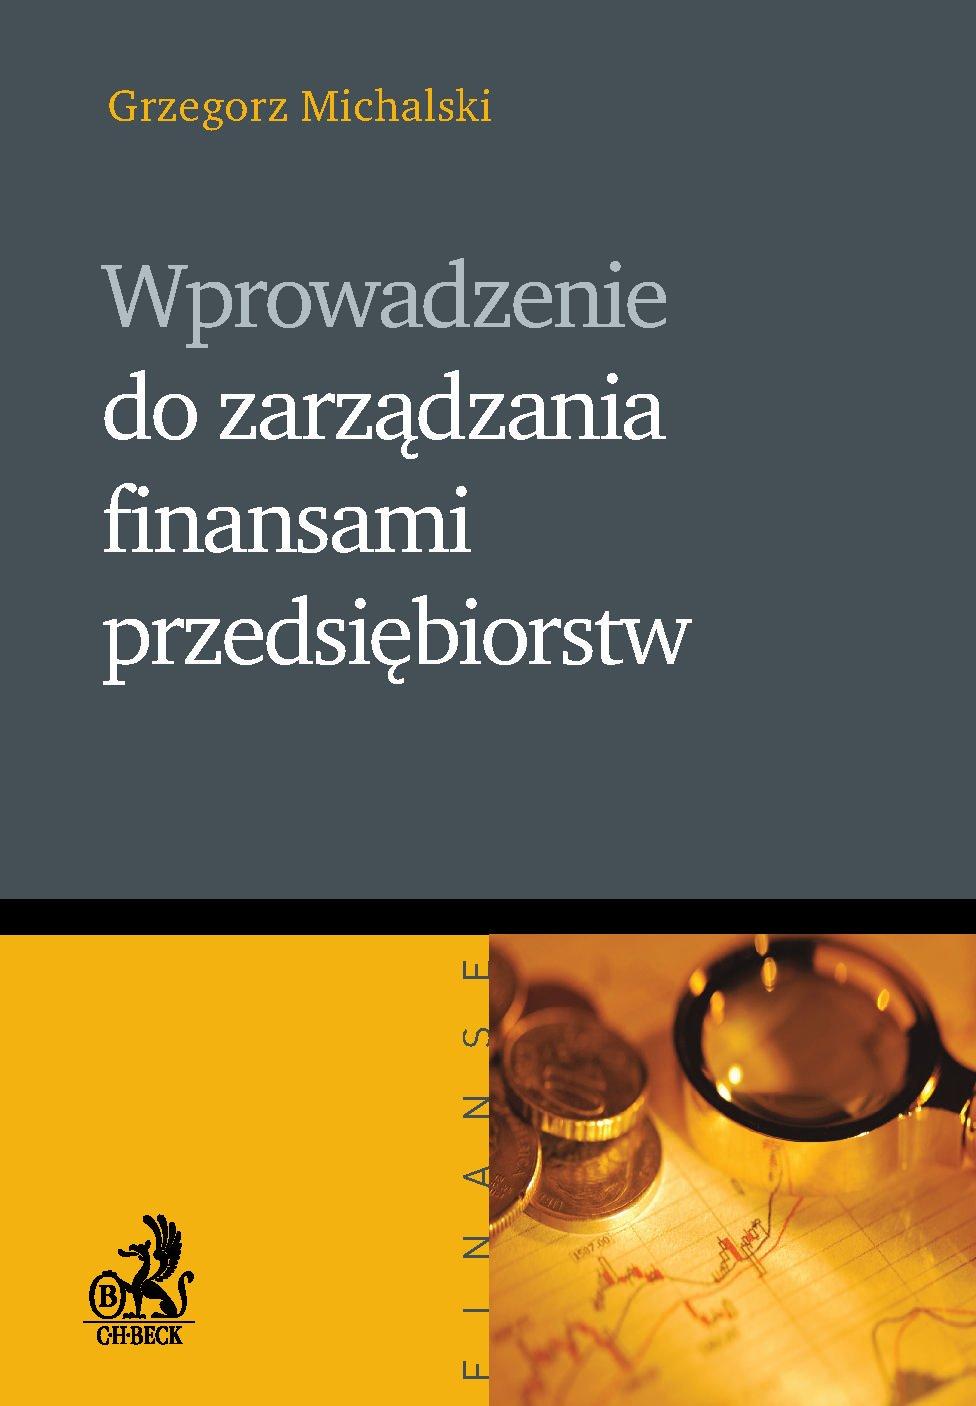 Wprowadzenie do zarządzania finansami przedsiębiorstw - Ebook (Książka PDF) do pobrania w formacie PDF